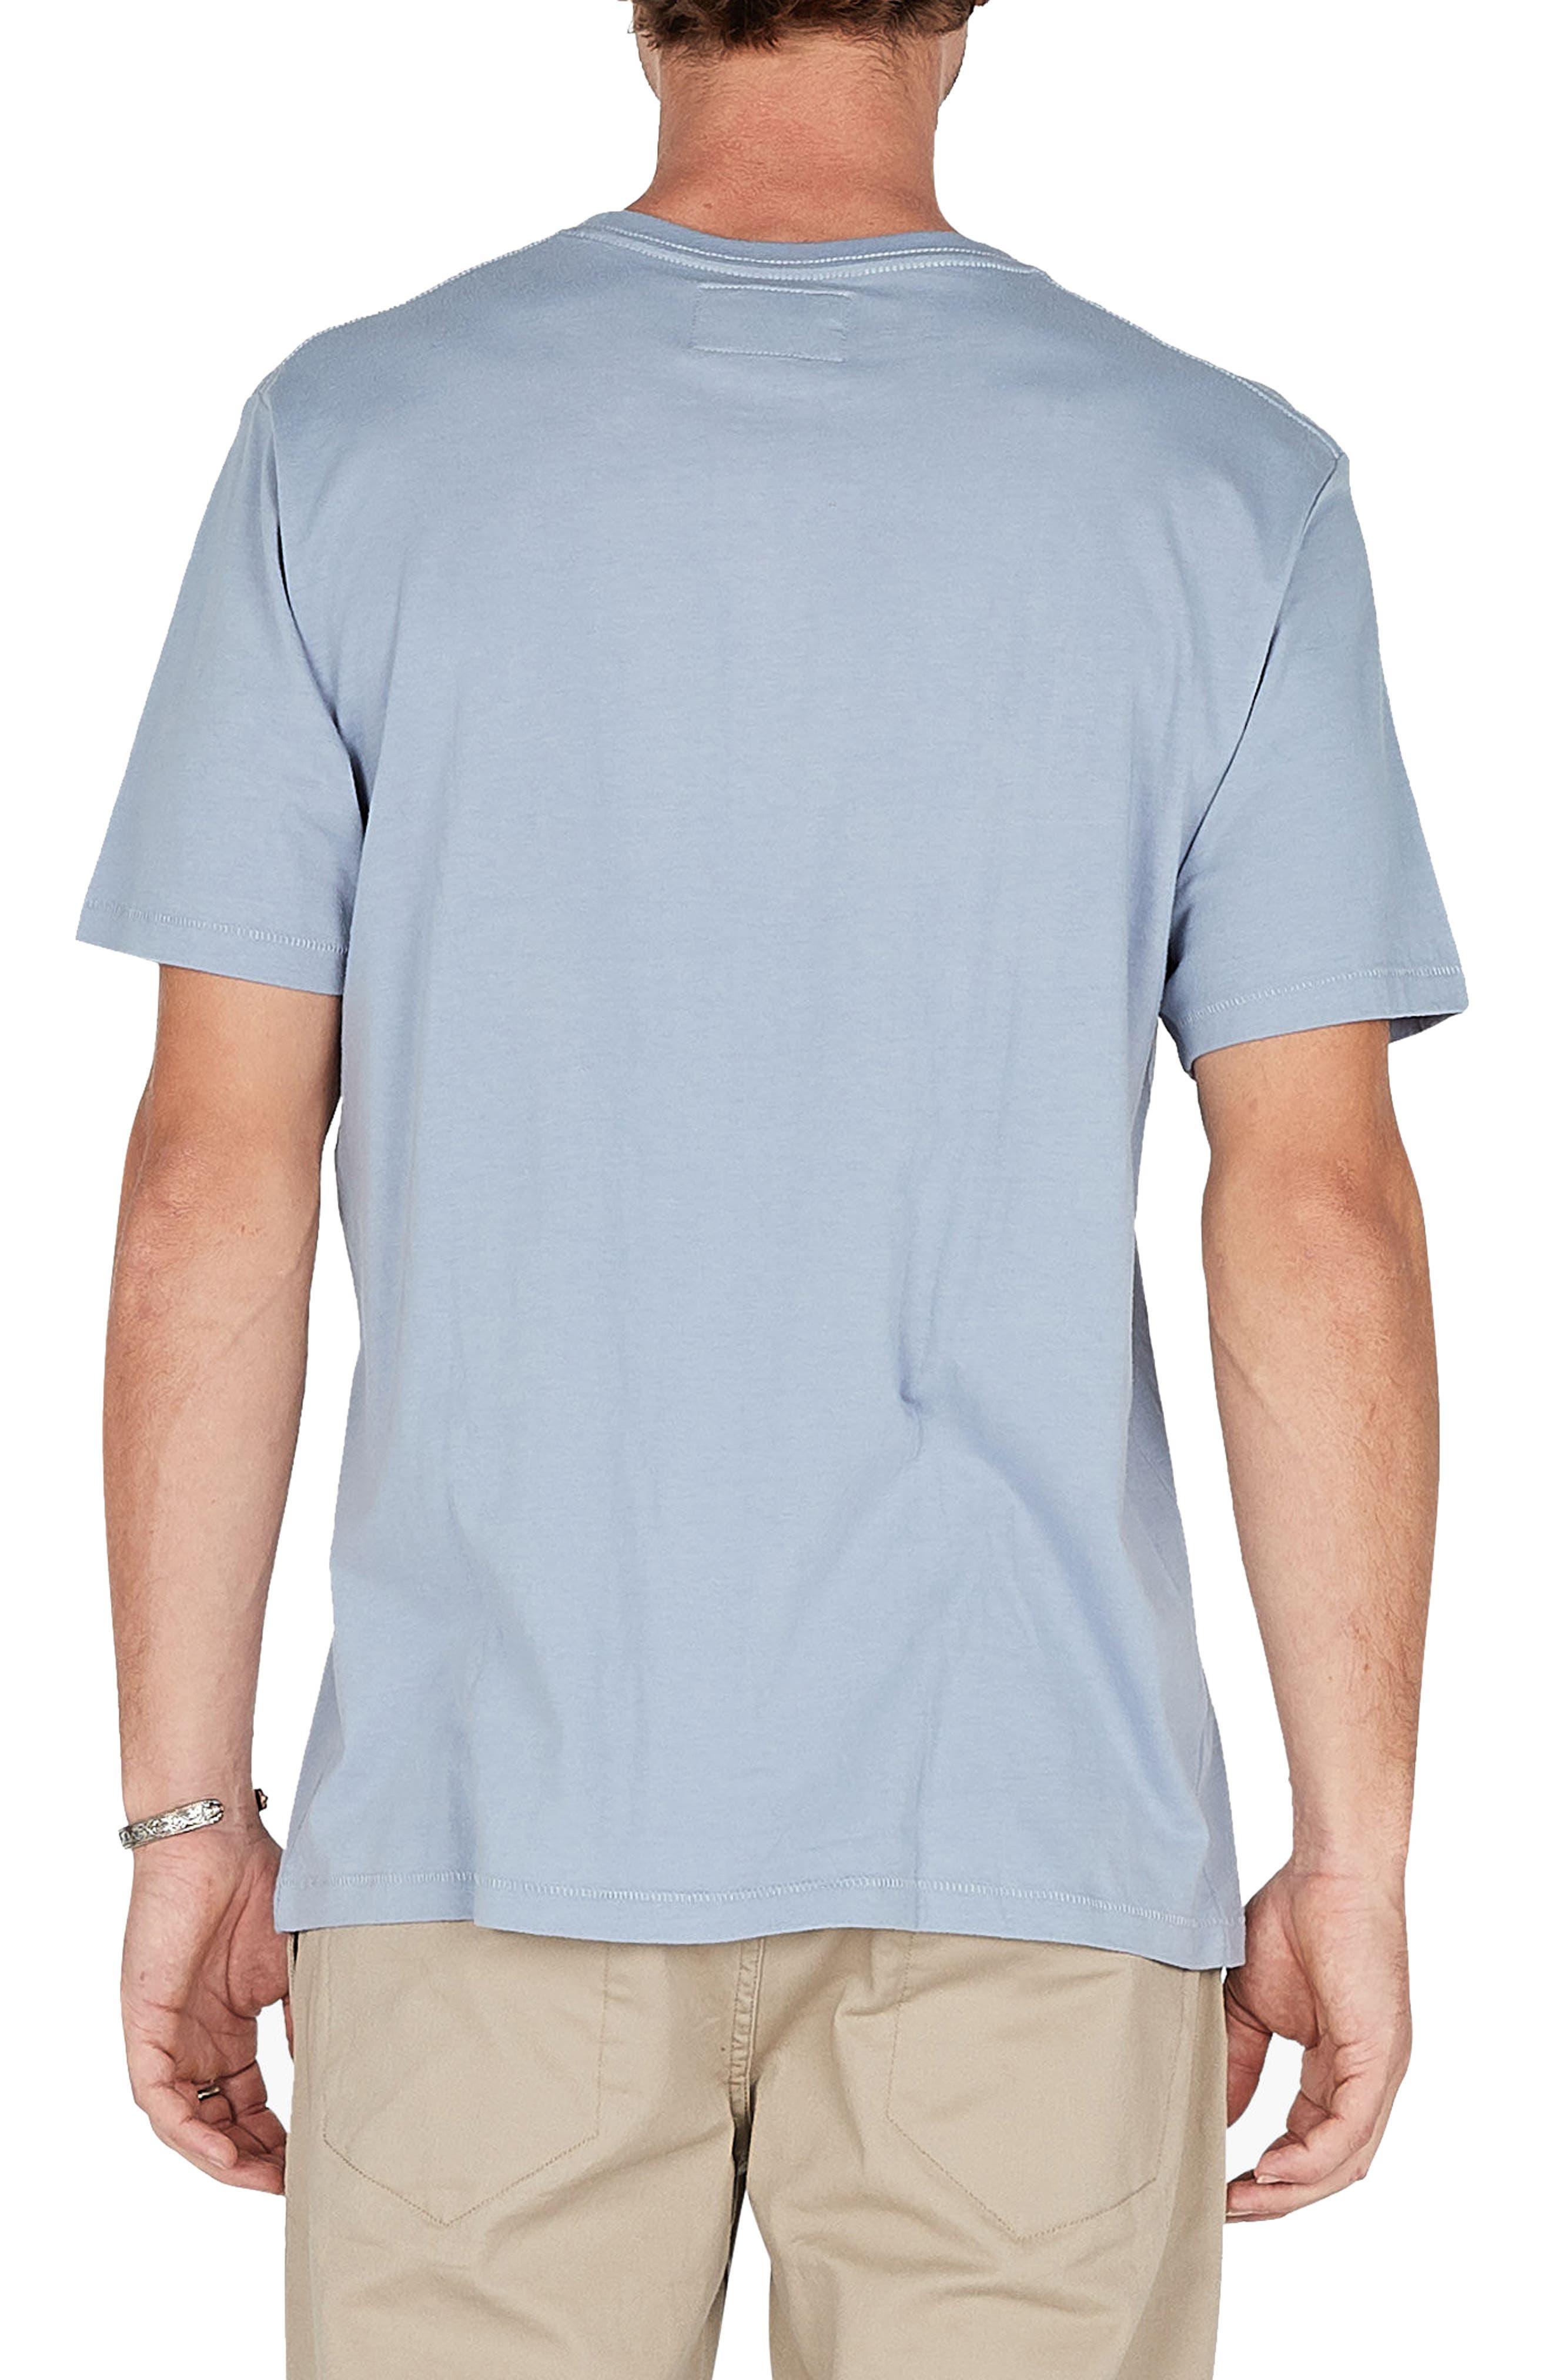 B.Nostalgic Graphic T-Shirt,                             Alternate thumbnail 2, color,                             488